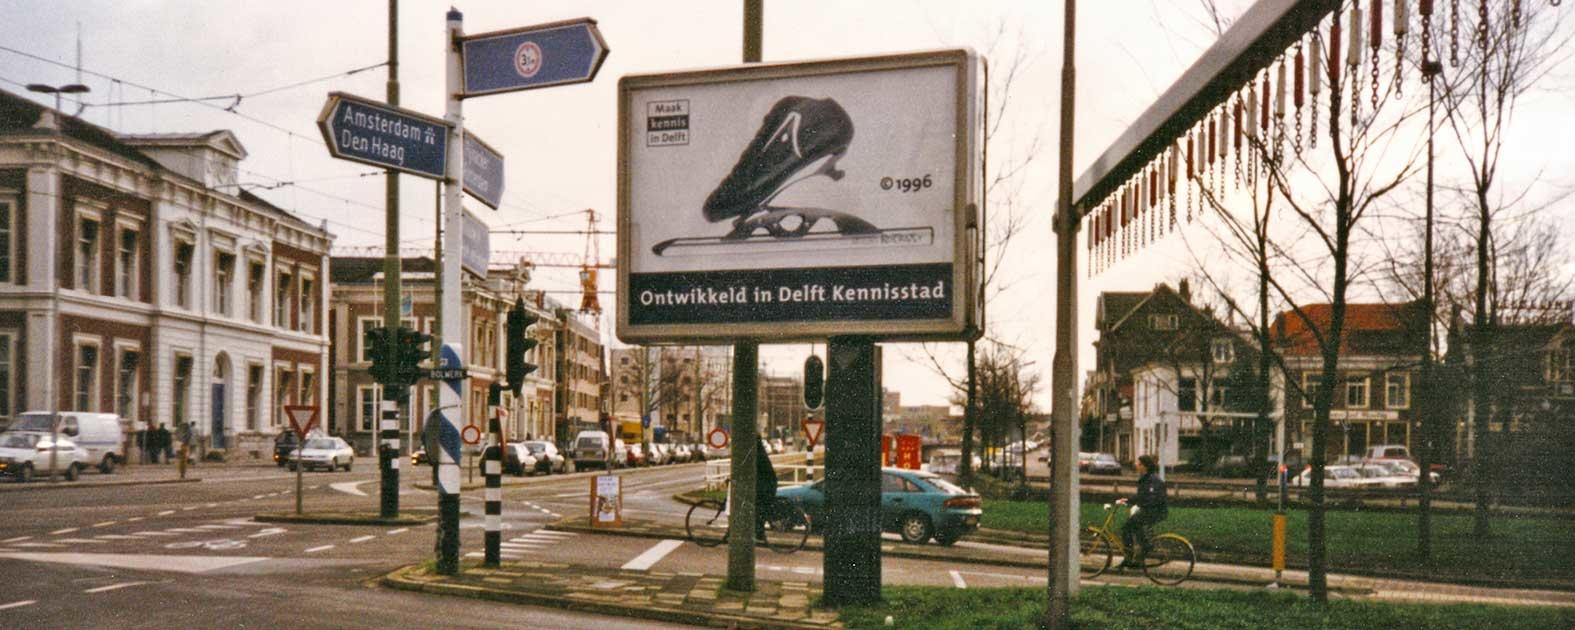 Klapschaats TU Delft